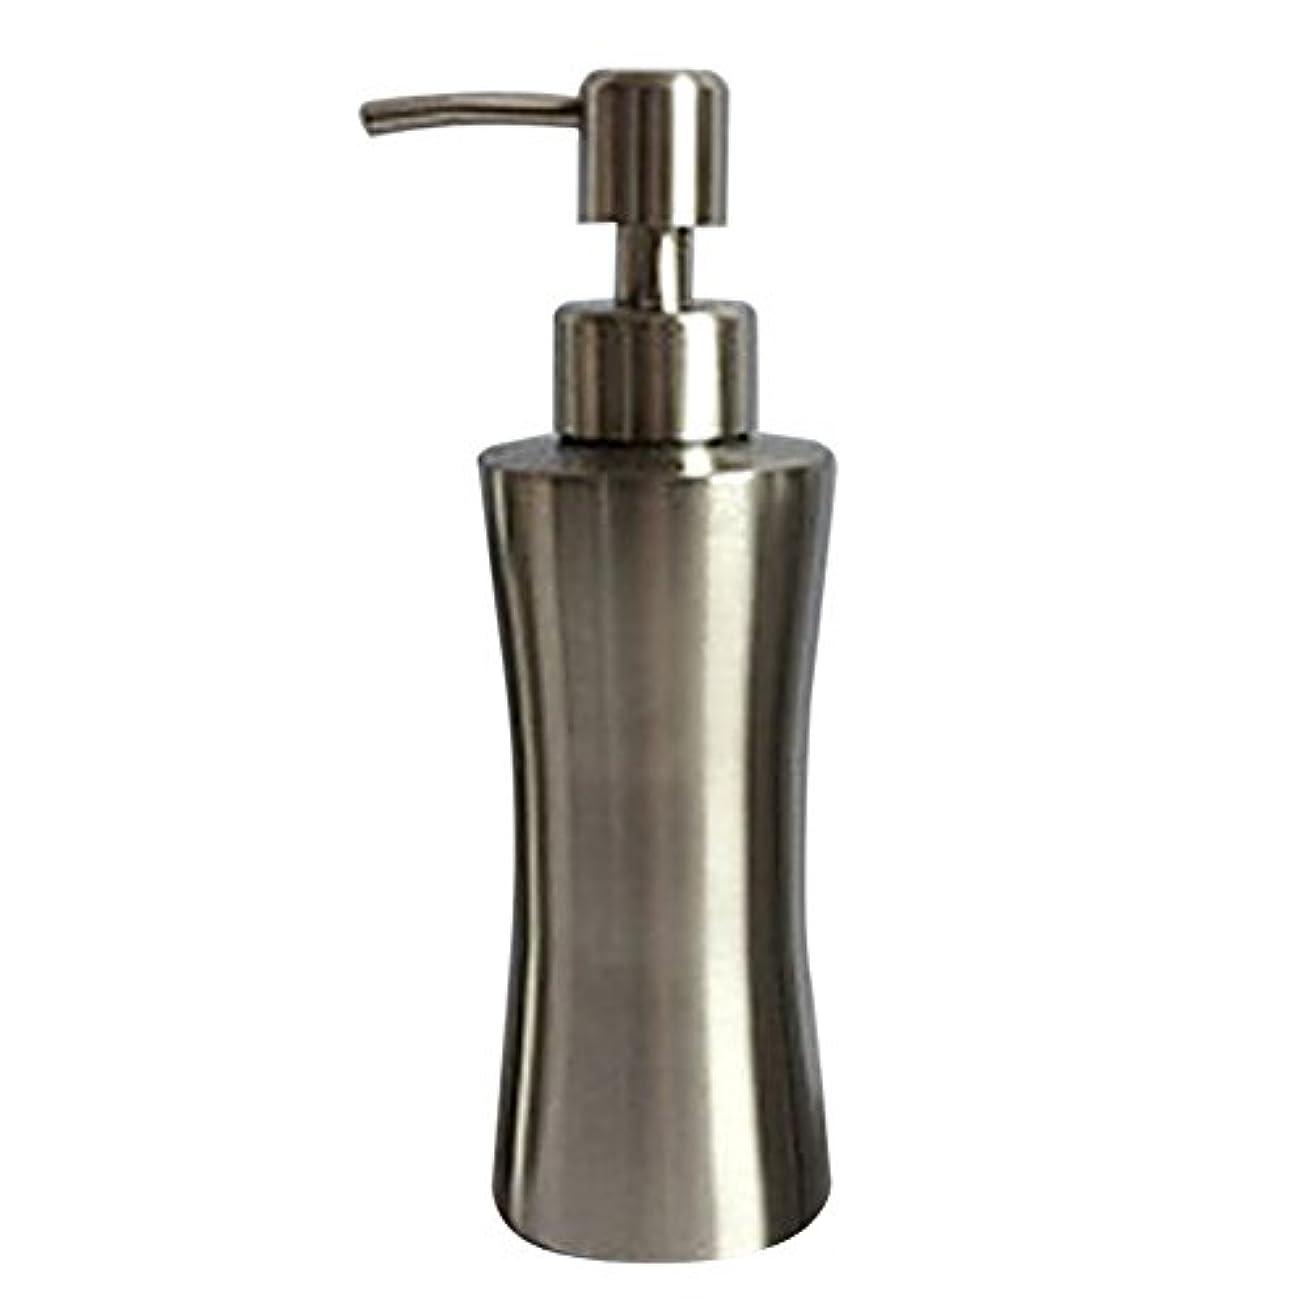 インフルエンザ雄弁な接続されたディスペンサー ステンレス ボトル 容器 ソープ 石鹸 シャンプー 手洗いボトル 耐久性 錆びない 220ml/250ml/400ml (B:250ml)